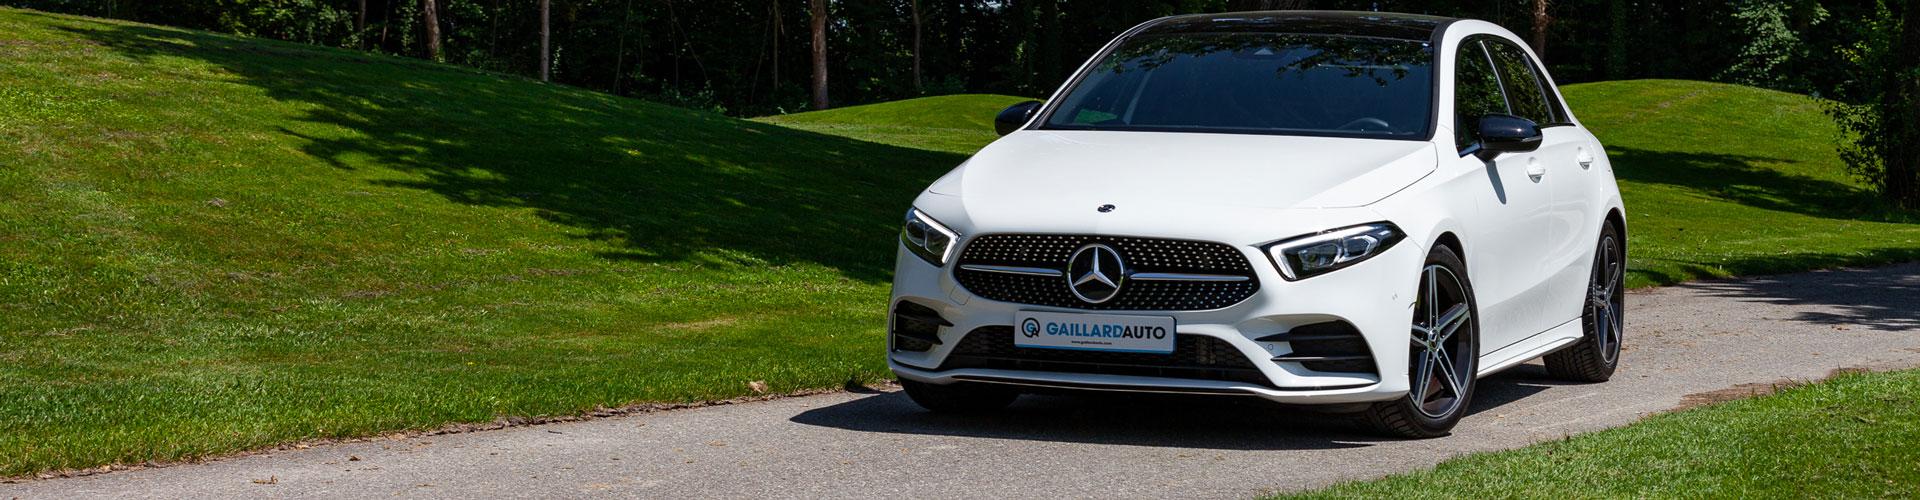 La nouvelle Mercedes Classe A chez Gaillard Auto